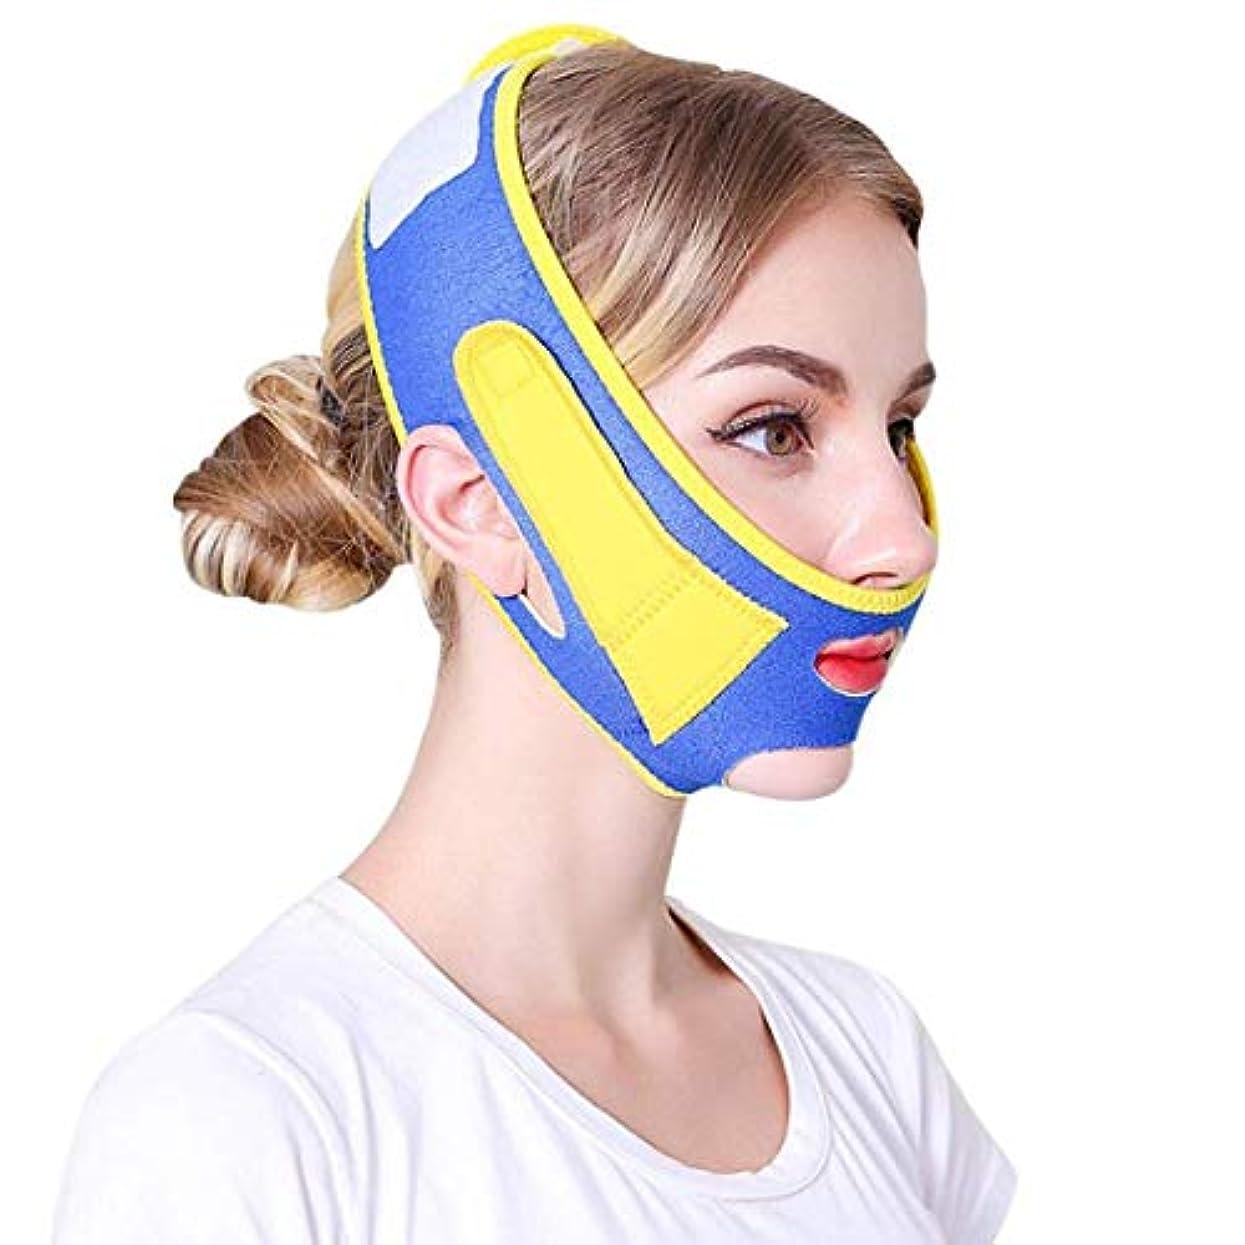 不明瞭知らせる輝くZWBD フェイスマスク, フェイスリフト包帯抗たるみvフェイスリフティング包帯整形二重あご青黄色